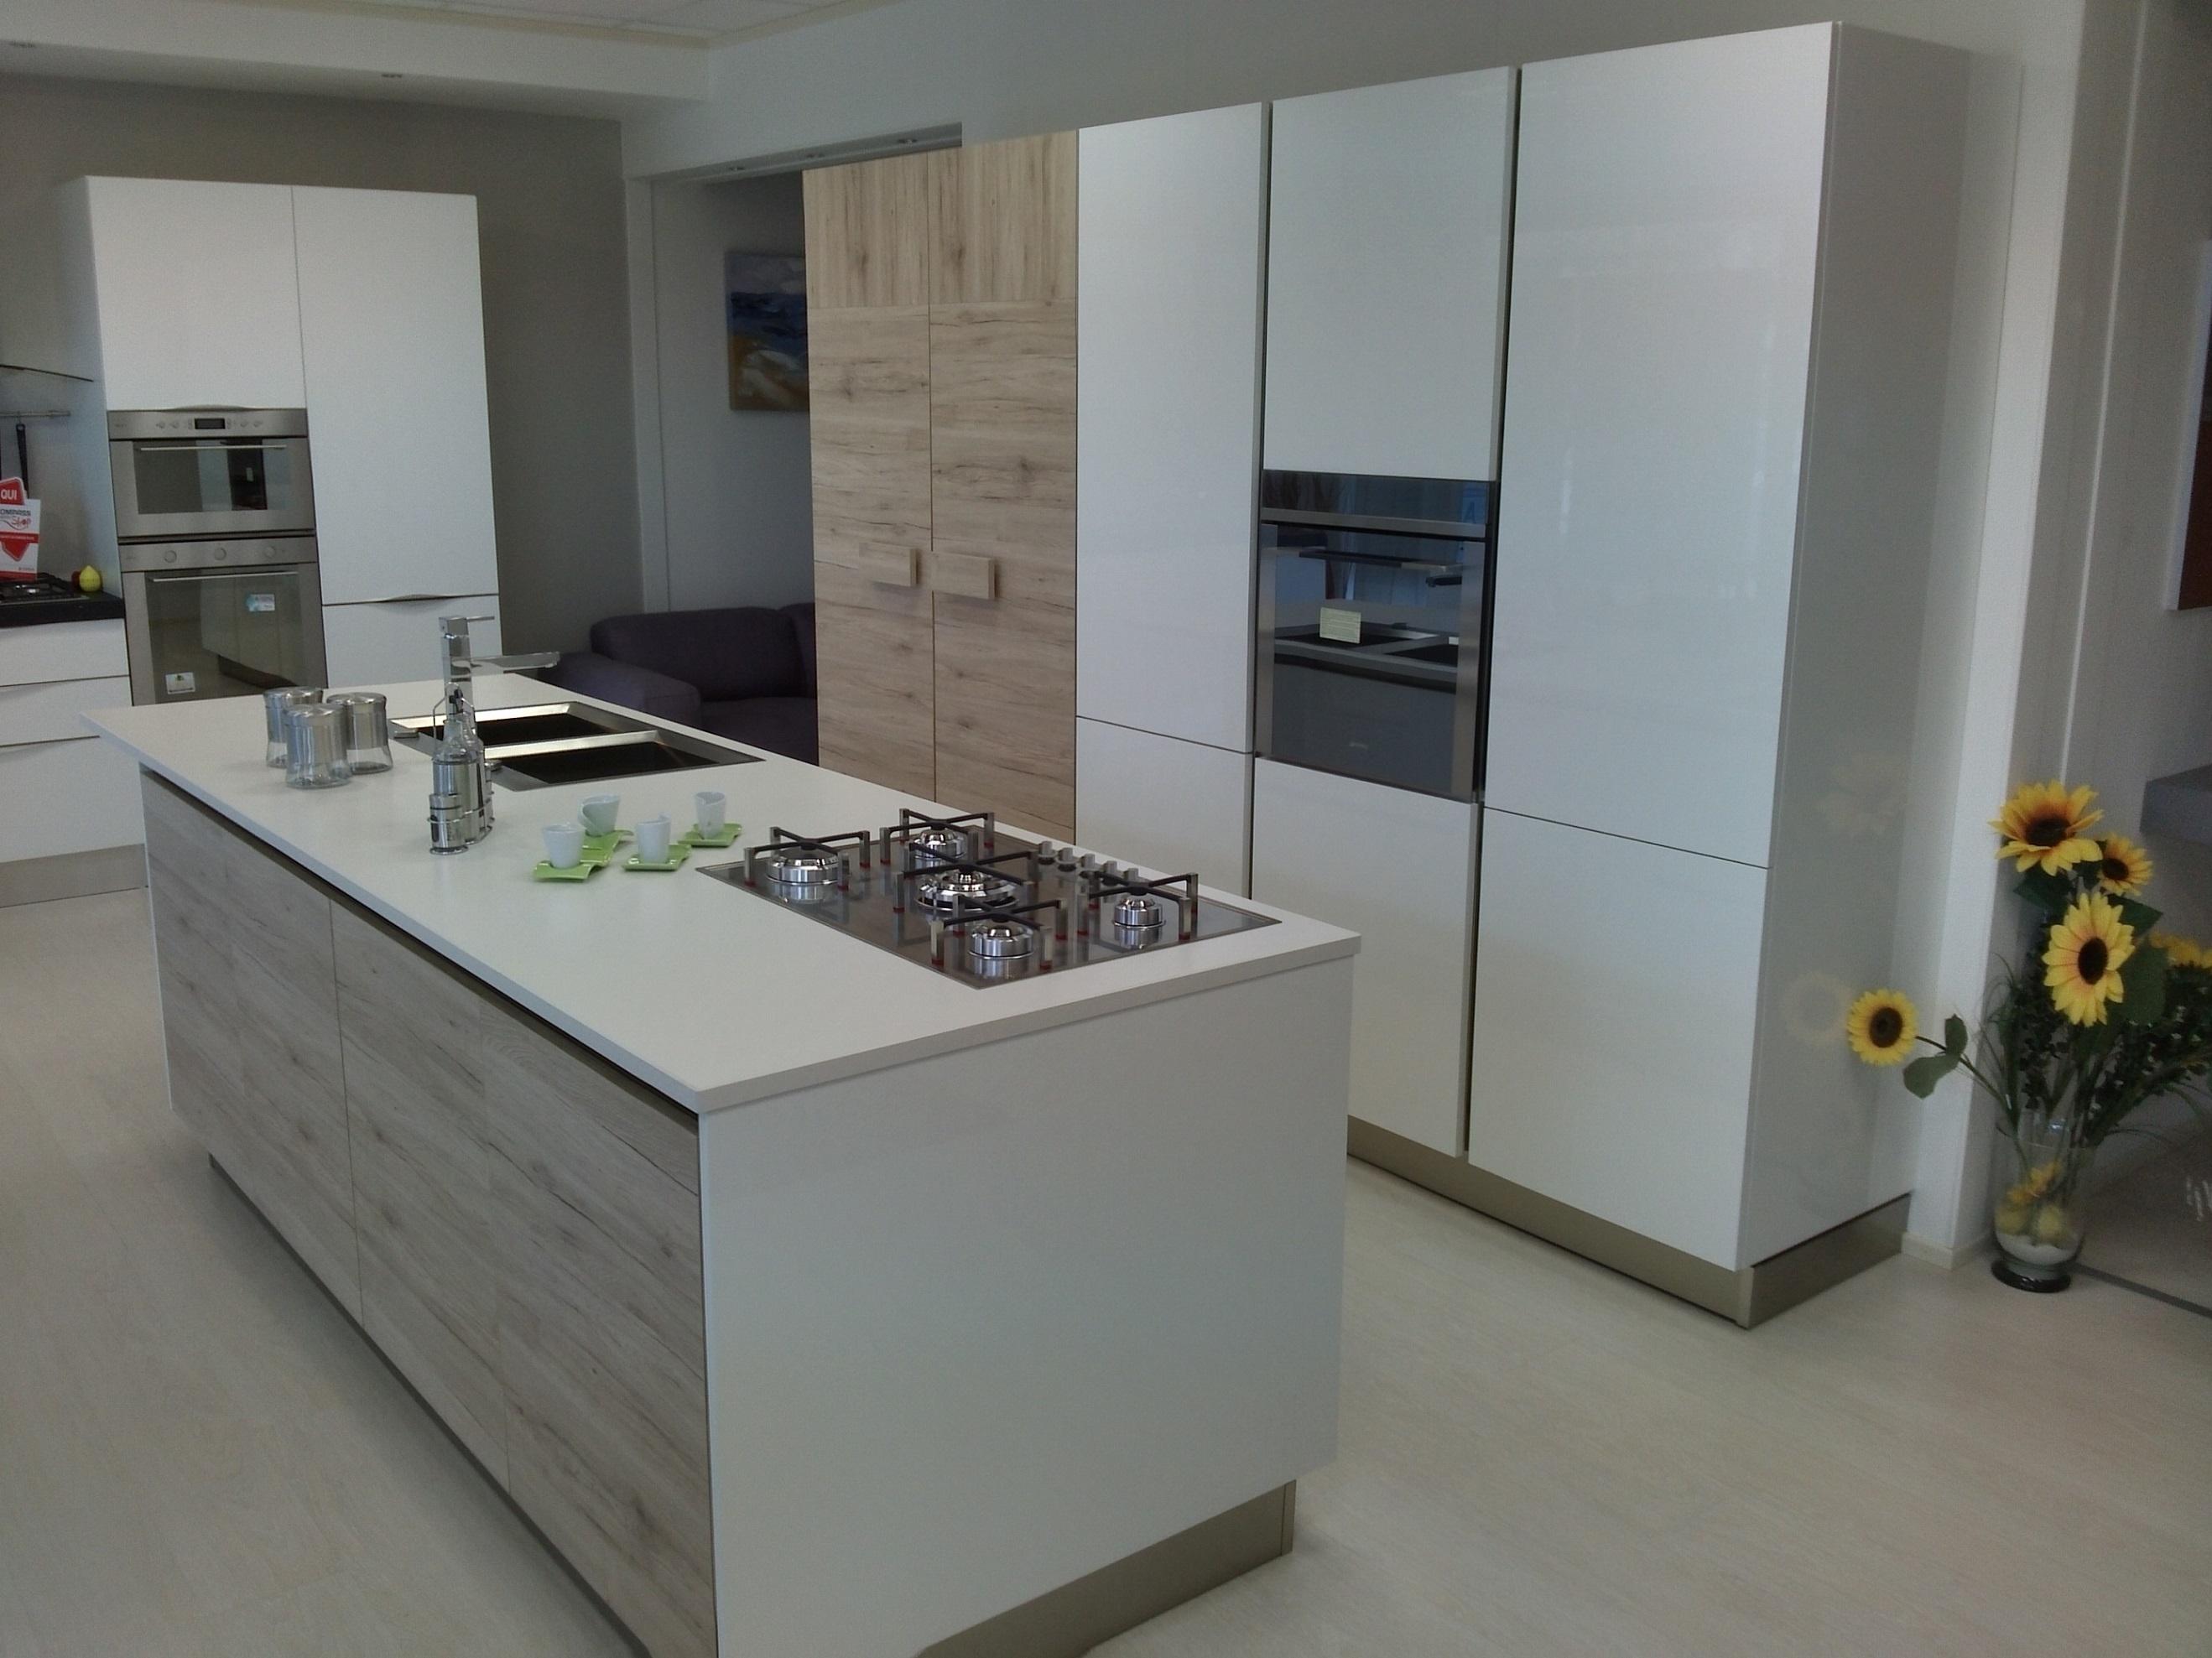 Gicinque cucine cucina oslo moderno cucine a prezzi scontati - Cucine chatodax ...